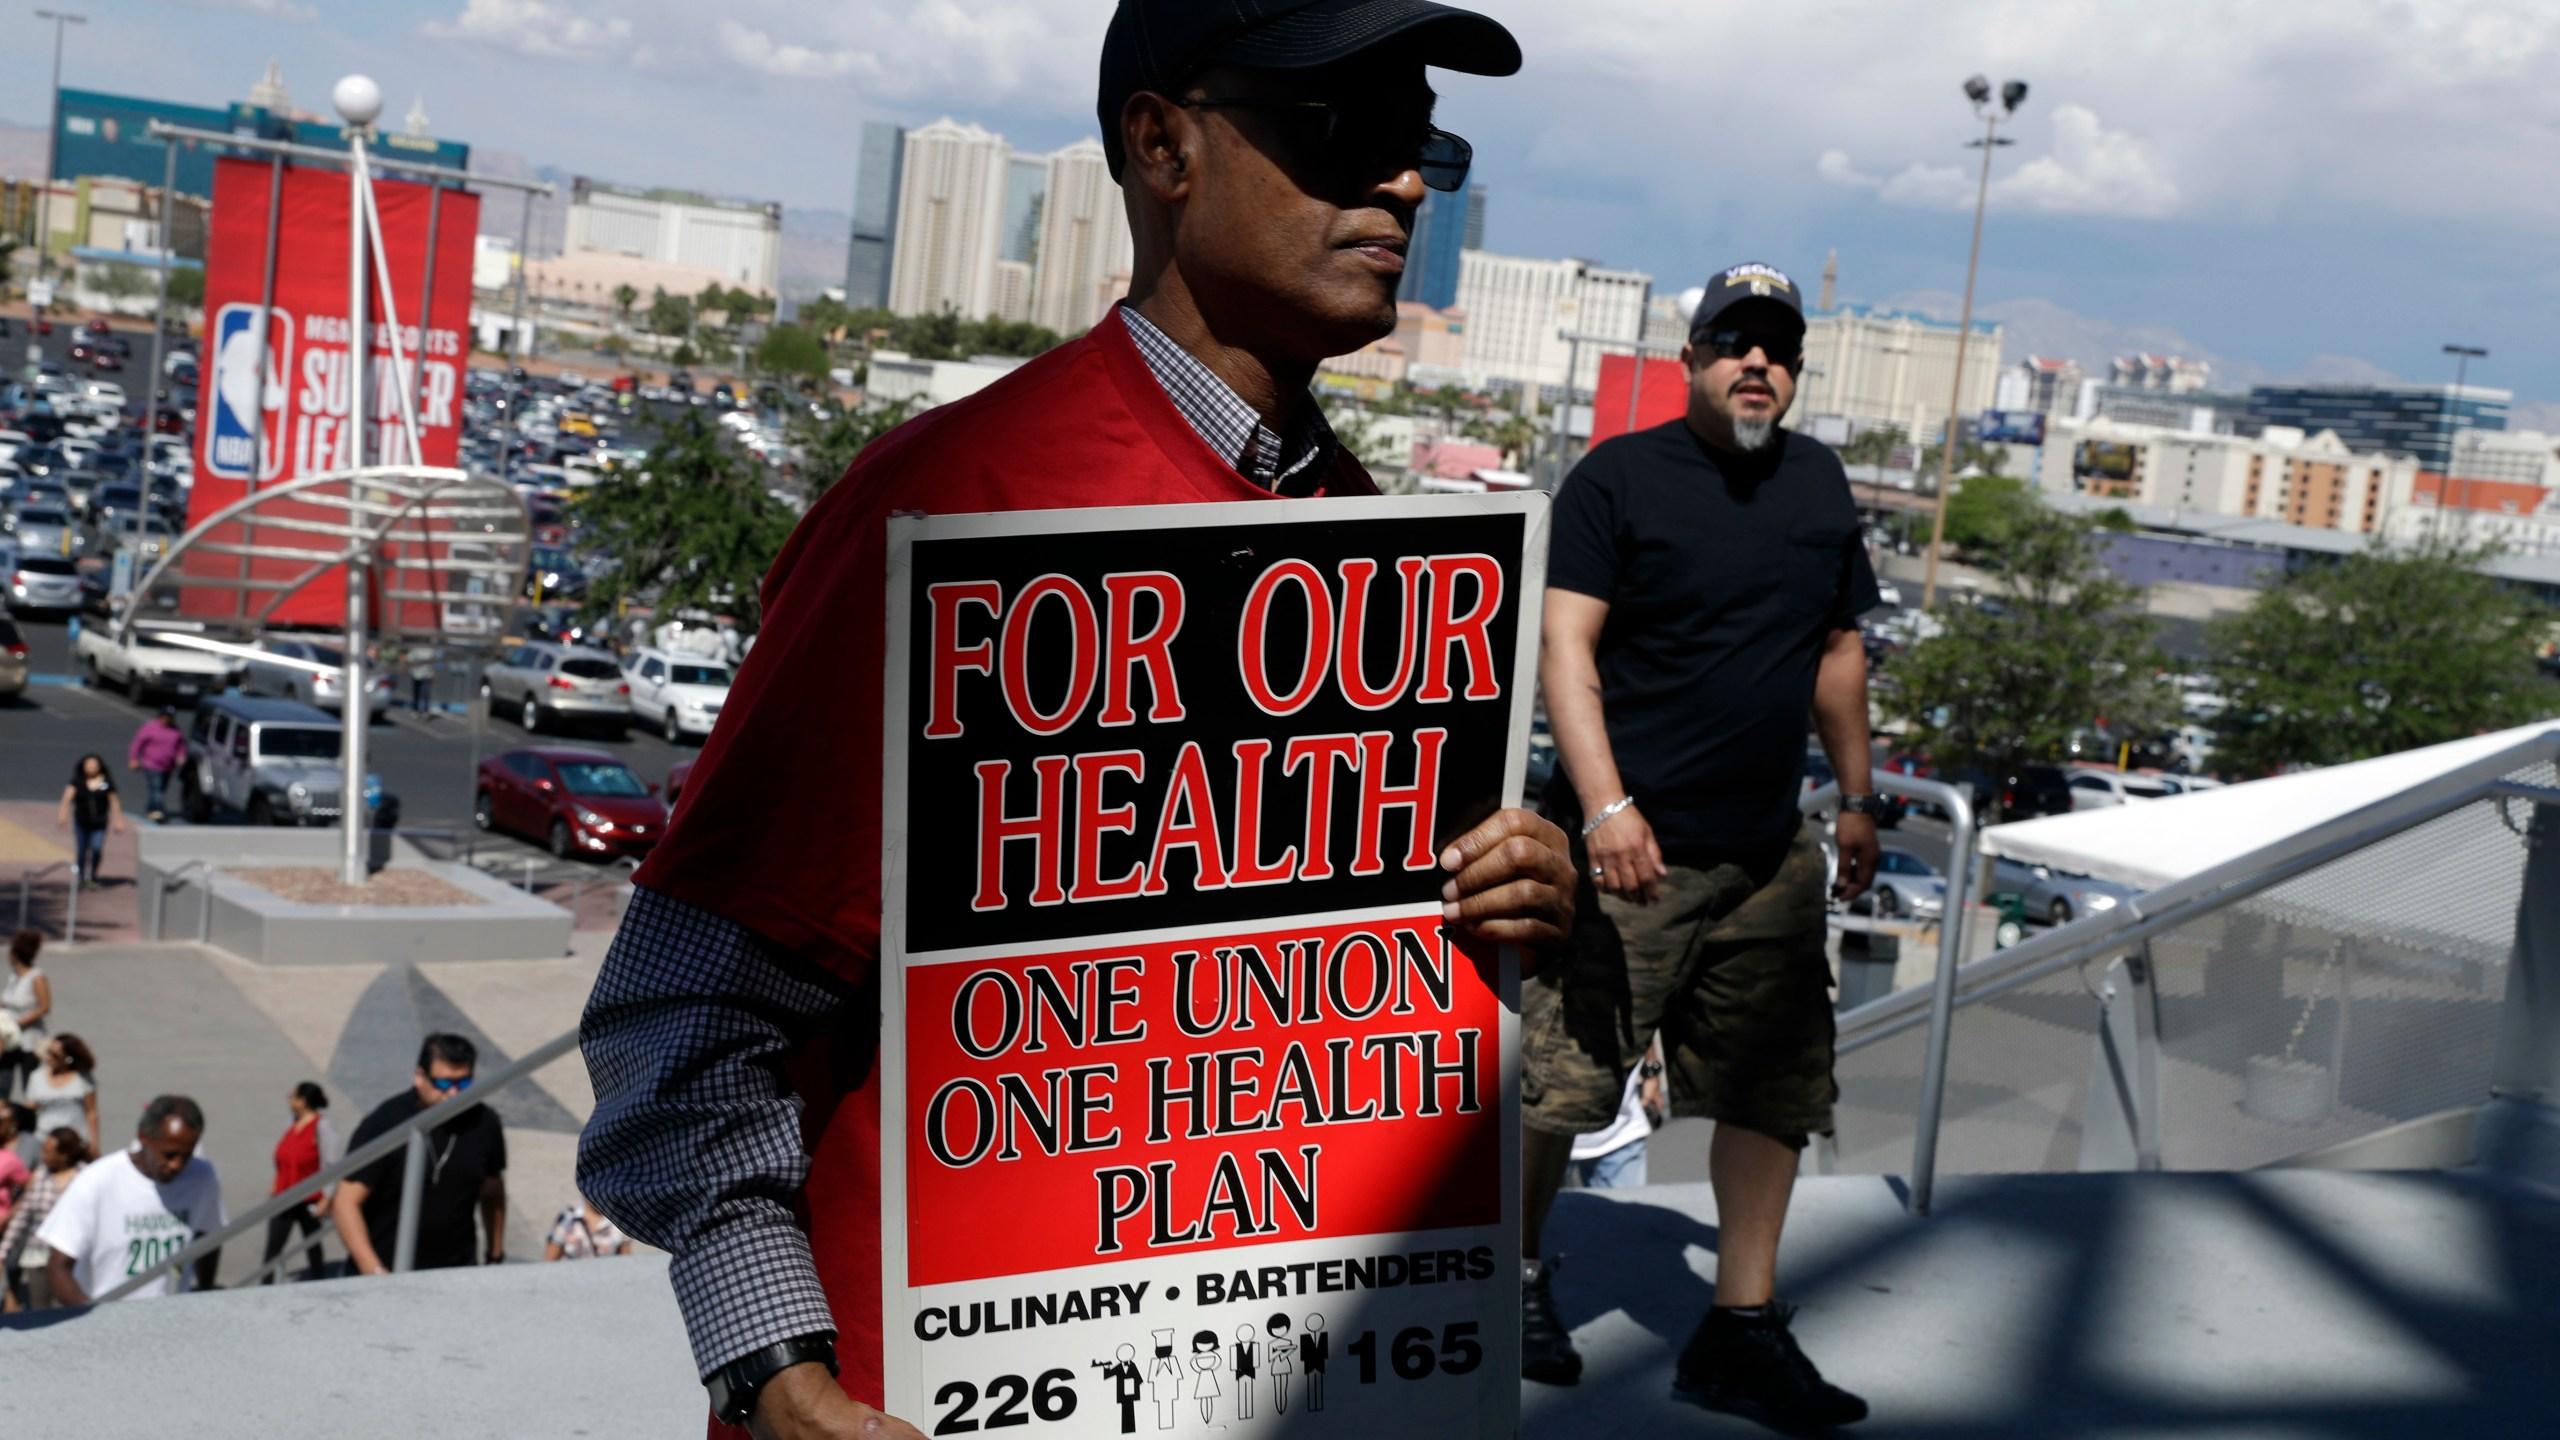 Las_Vegas_Casinos_Contracts_03462-159532.jpg67068892